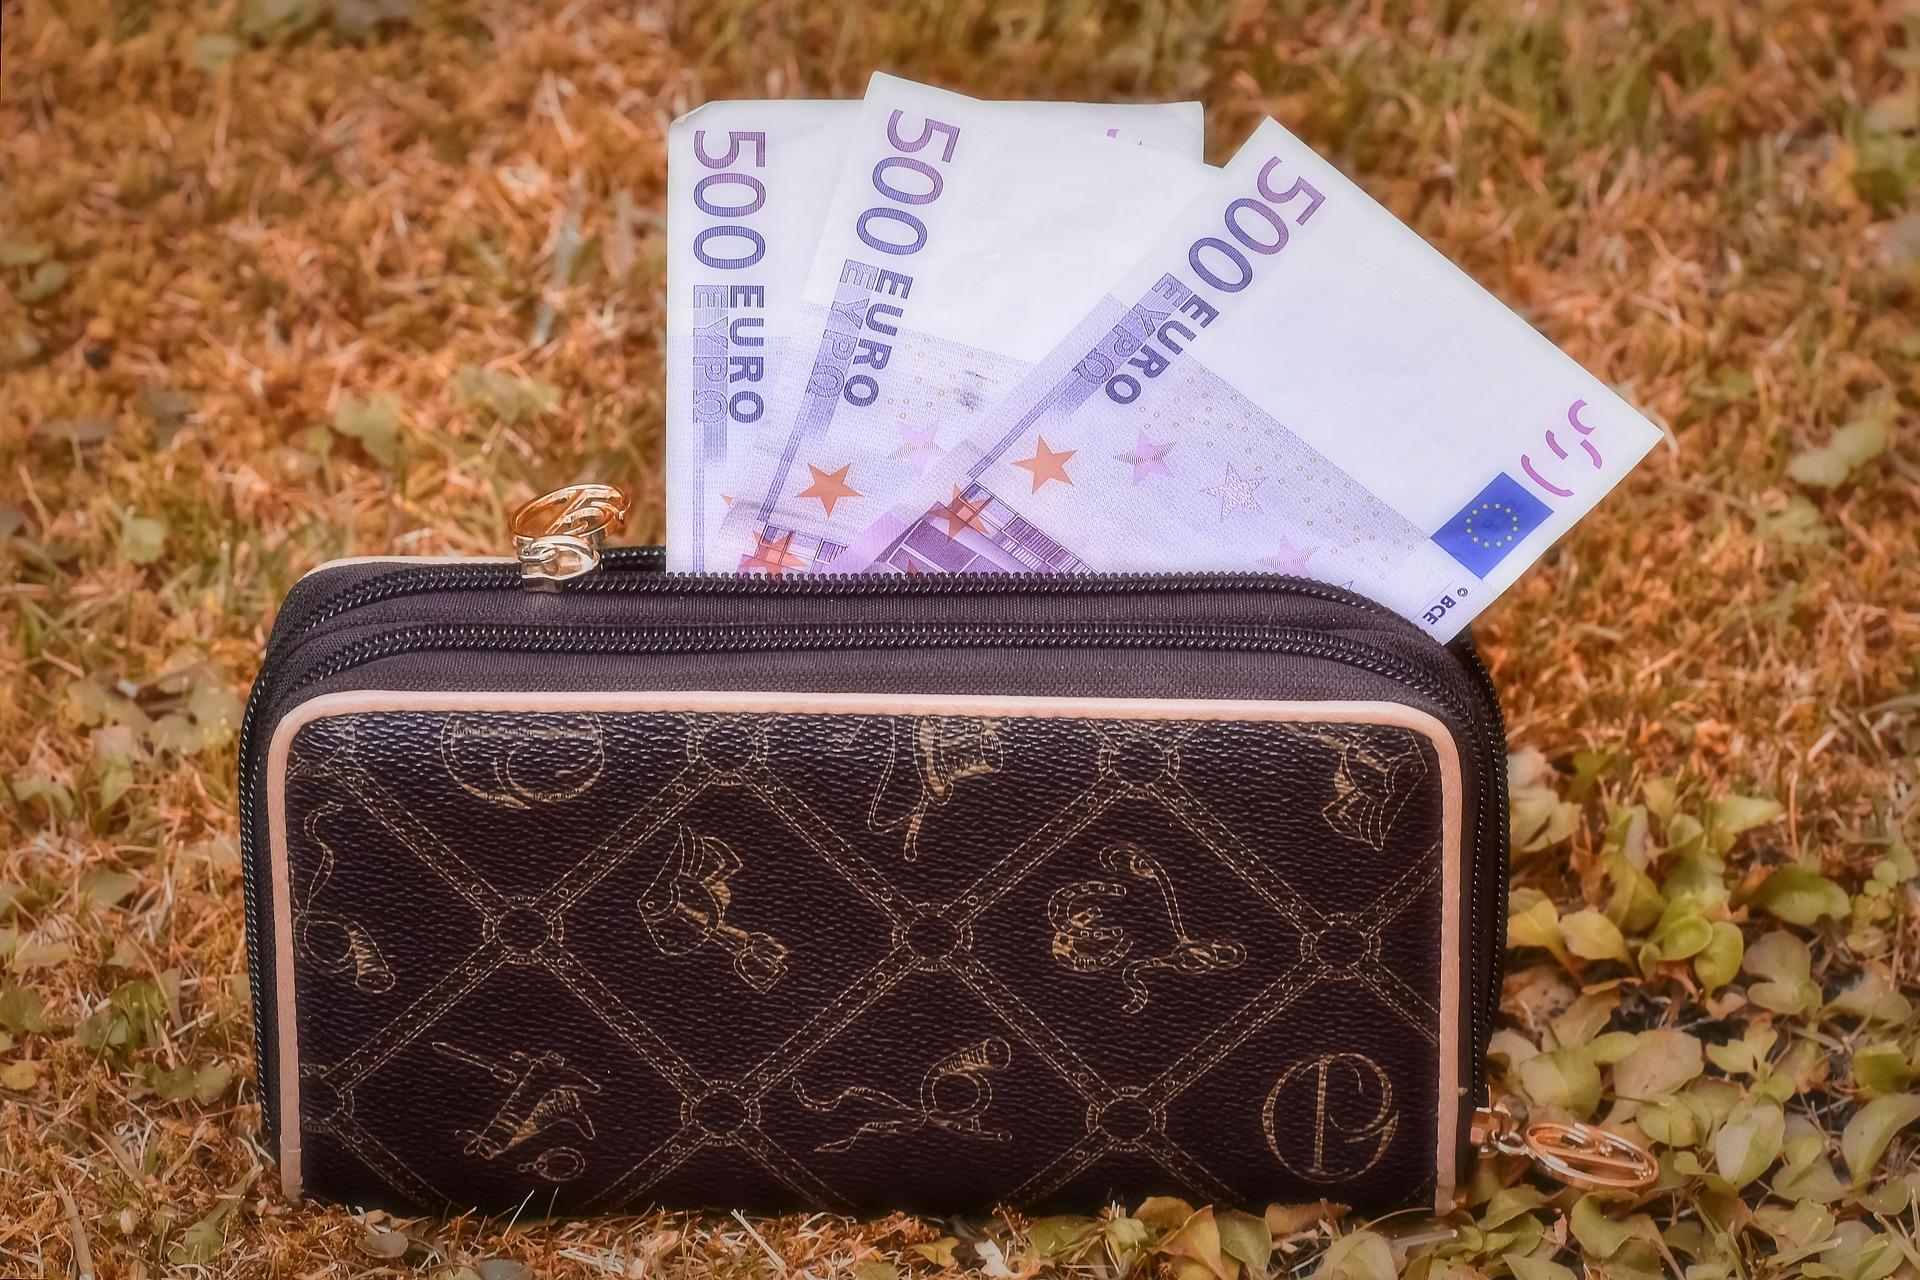 長財布を持つことで金運はアップするのか